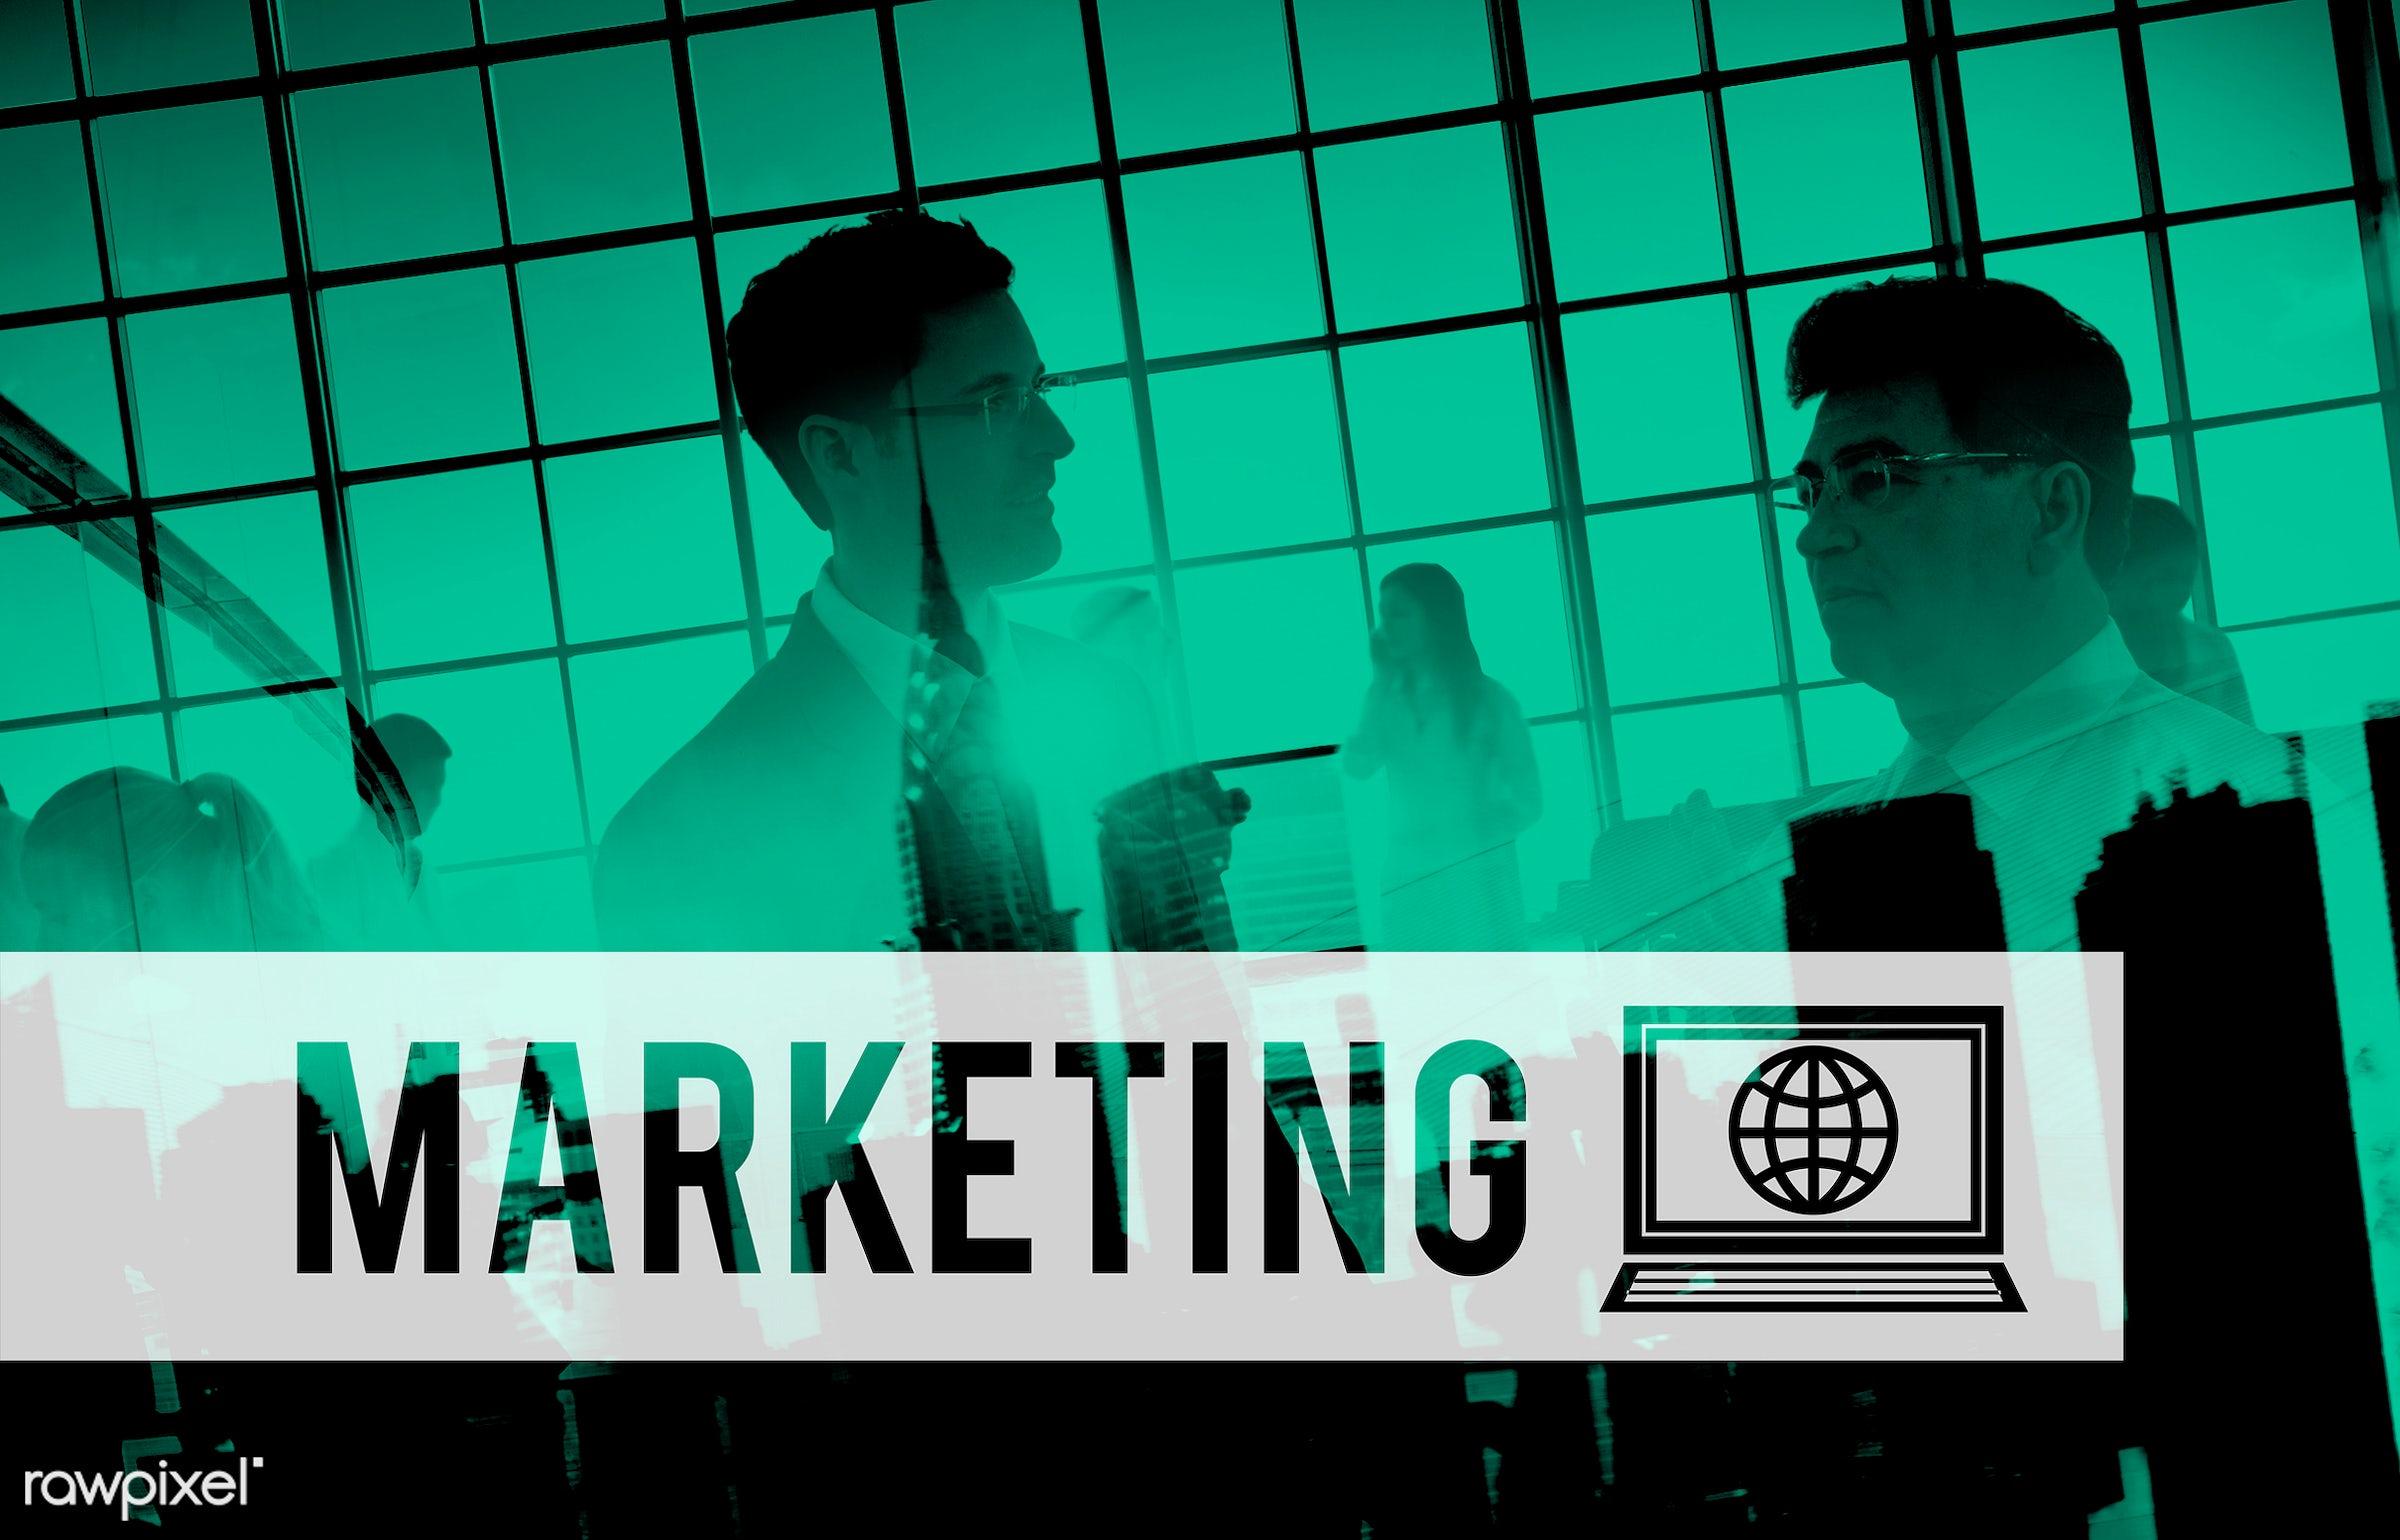 digital marketing, advertising, board room, brainstorming, branding, building, business, business people, businessmen,...